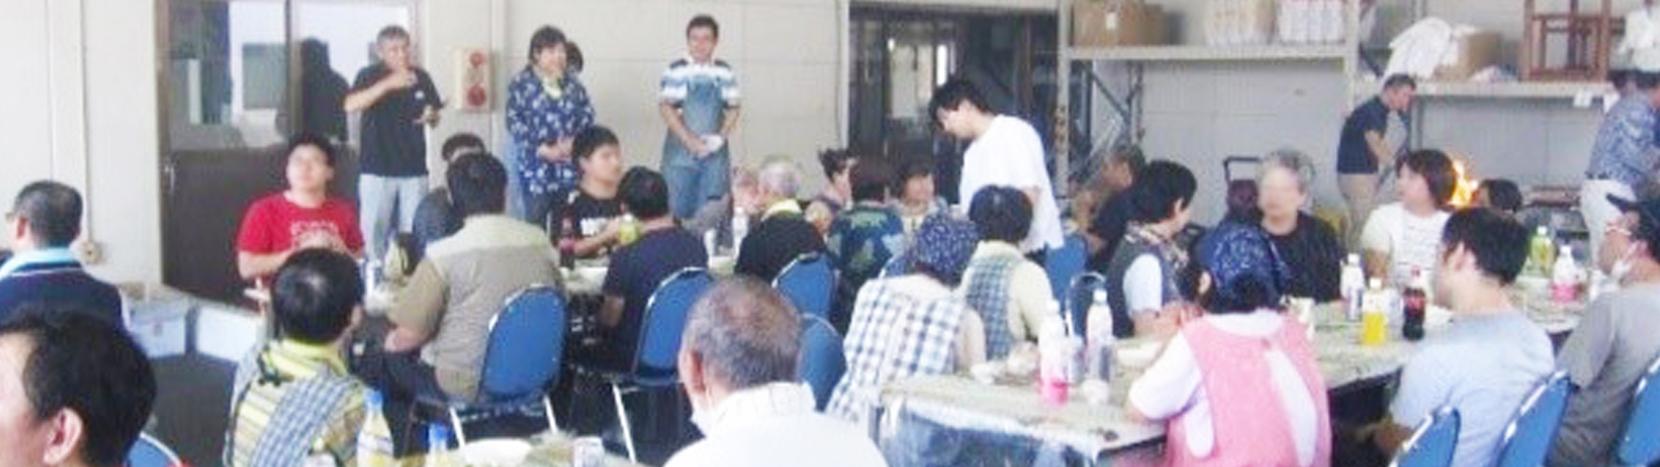 セルプ藤山 就労継続支援事業B型 行事予定